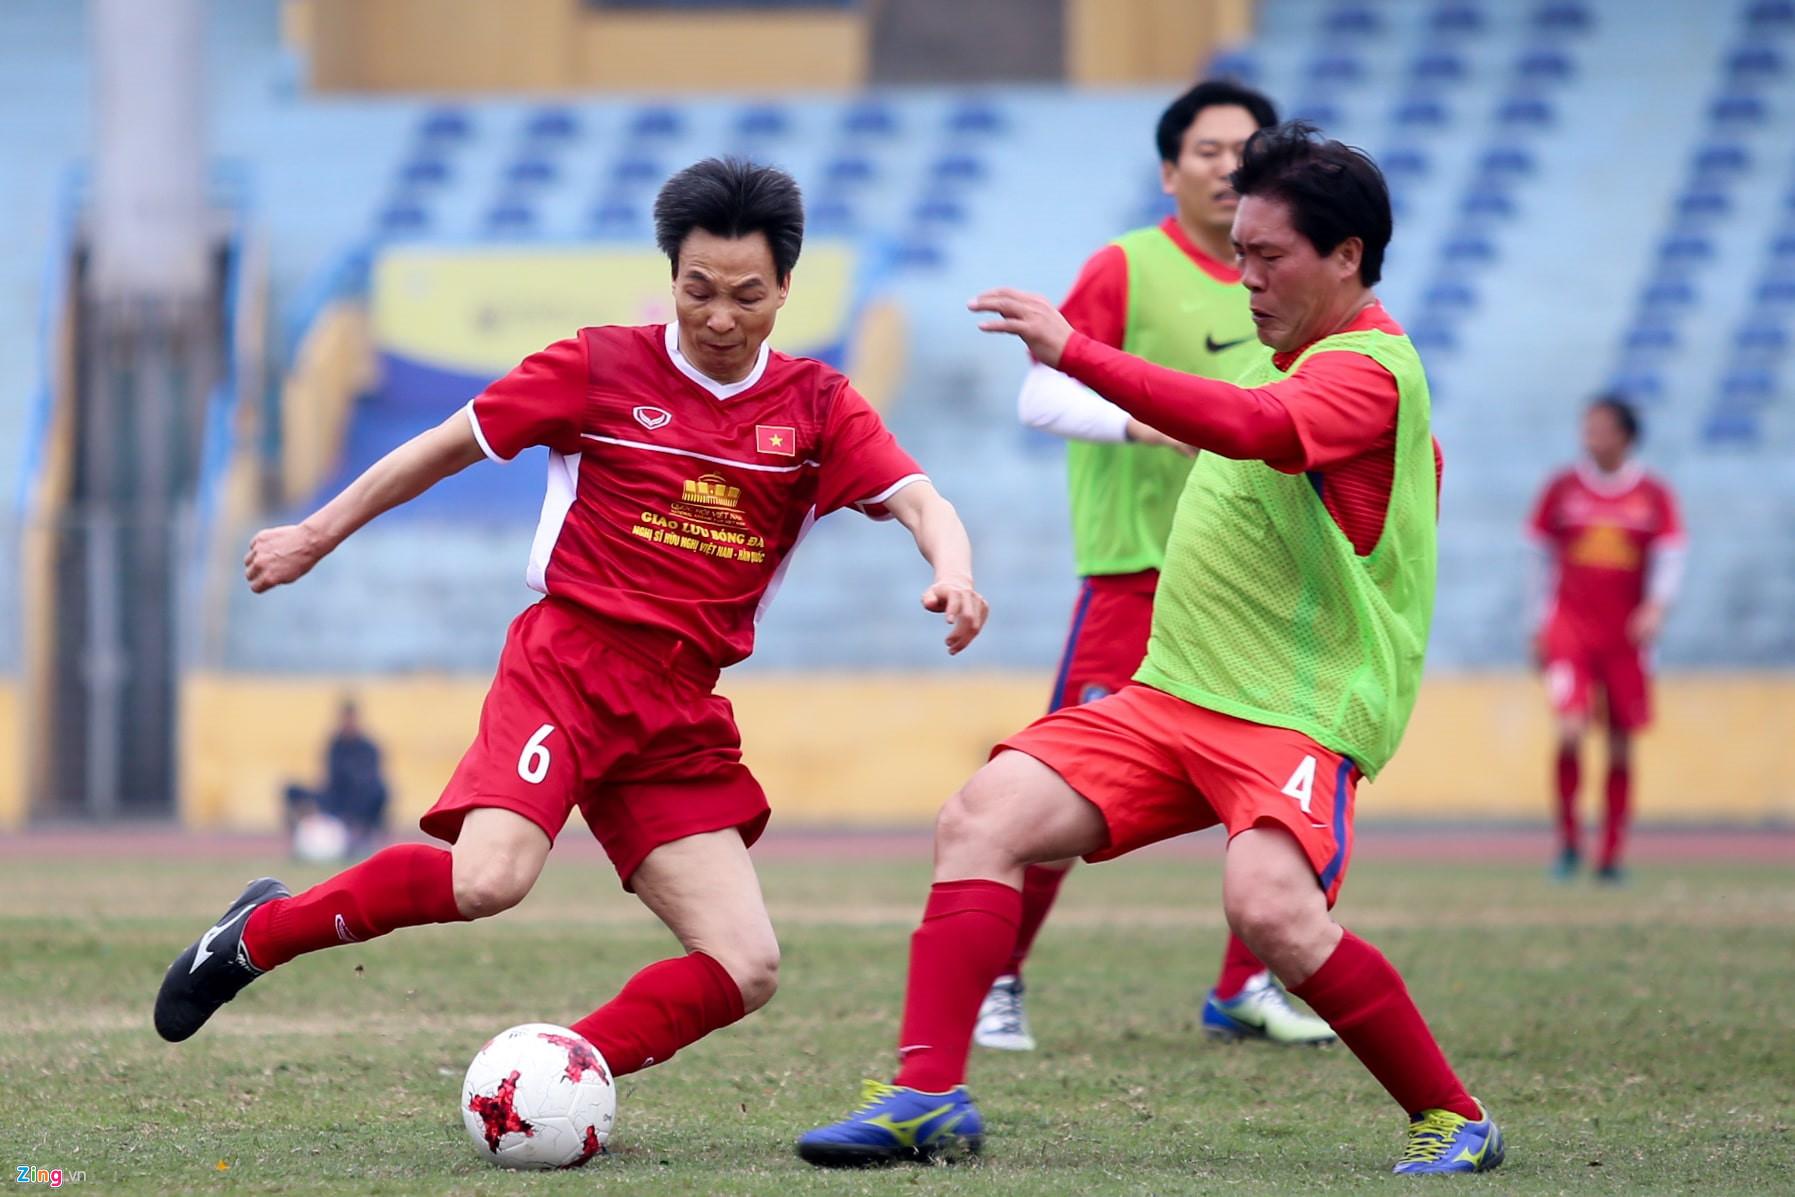 Phó Thủ tướng Vũ Đức Đam ghi 2 bàn trong trận bóng giao hữu với nghị sĩ Hàn Quốc - Ảnh 4